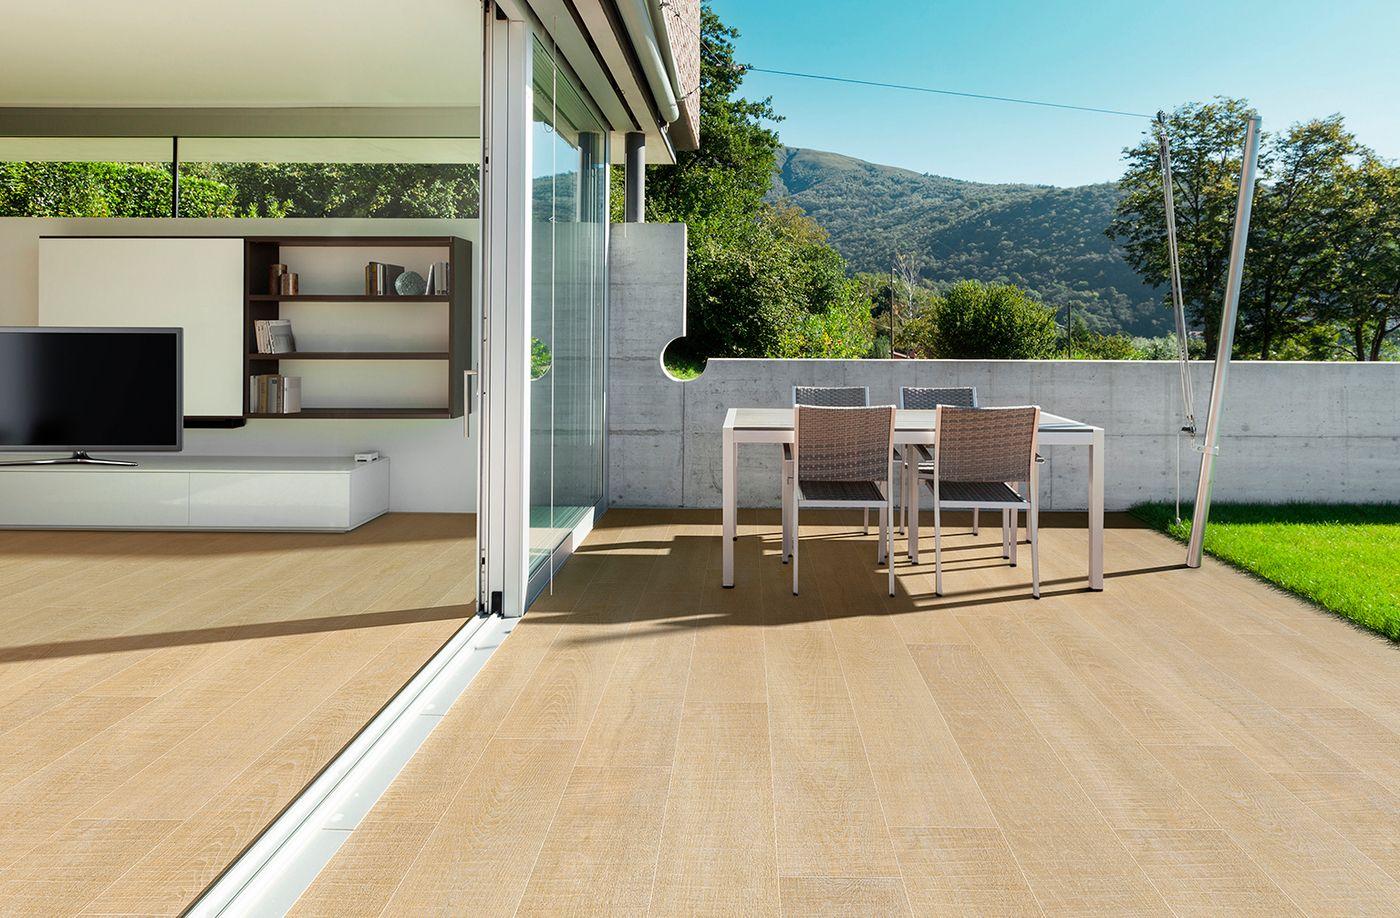 Holzfliesen passen einfach überall und immer. #holzfliesen #home